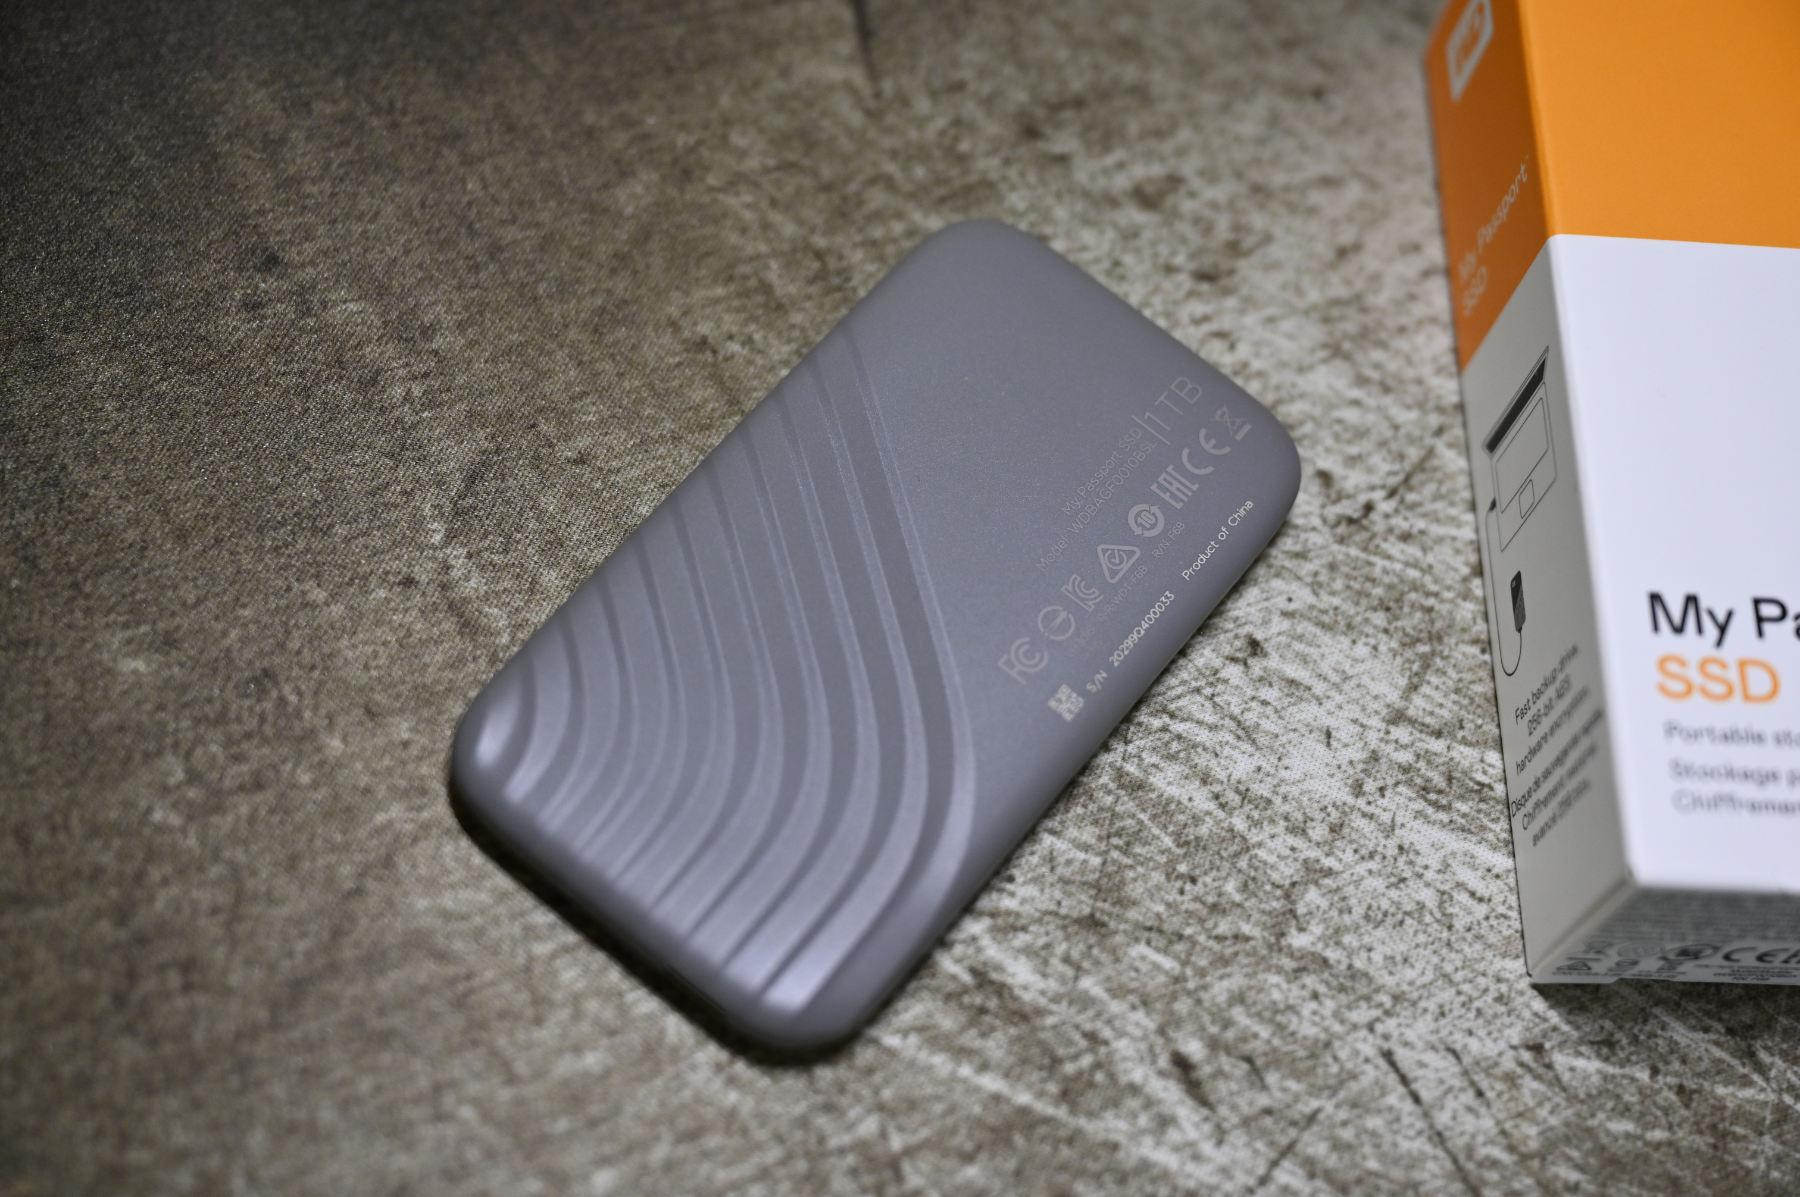 WD My Passport SSD obudowa